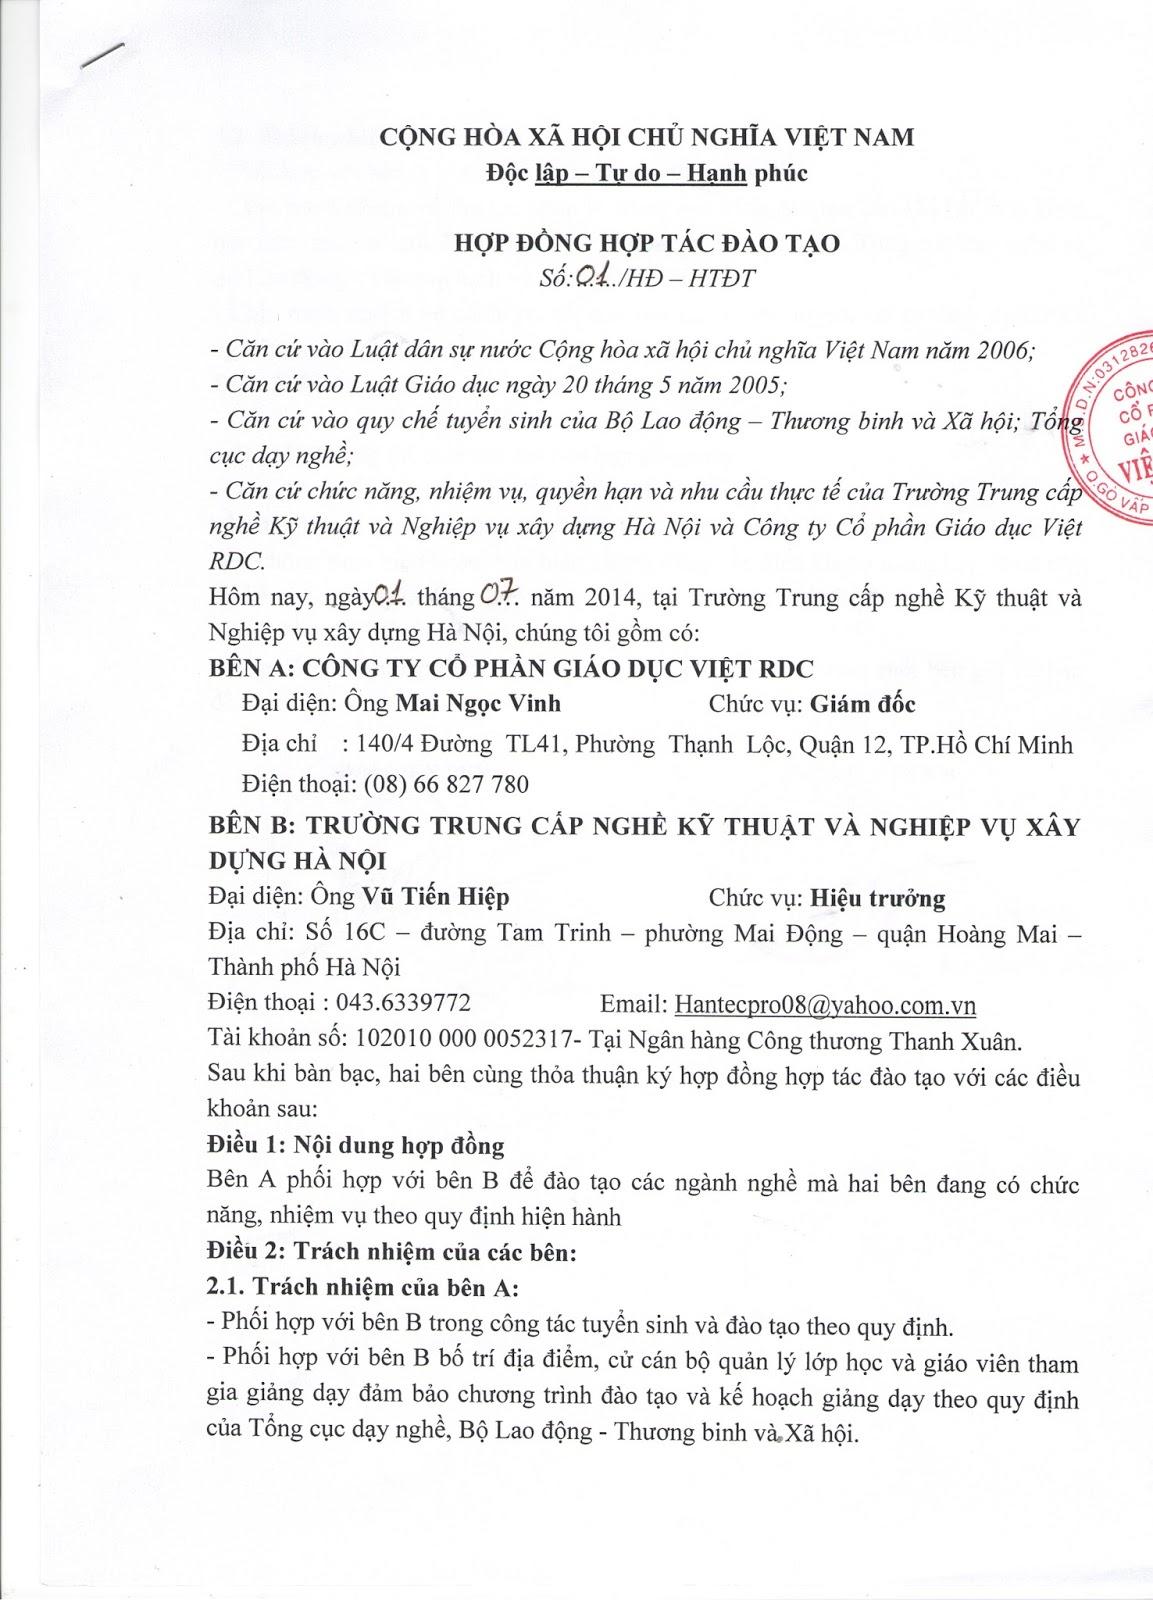 Trường Trung Cấp Kỹ Thuật Và Nghiệp Vụ Xây Dựng Hà Nôị - Liên Kết Đào Tạo - Trung Tâm Giáo Dục Việt Chi Nhánh Công Ty Cổ Phần Giáo Dục Việt RDC